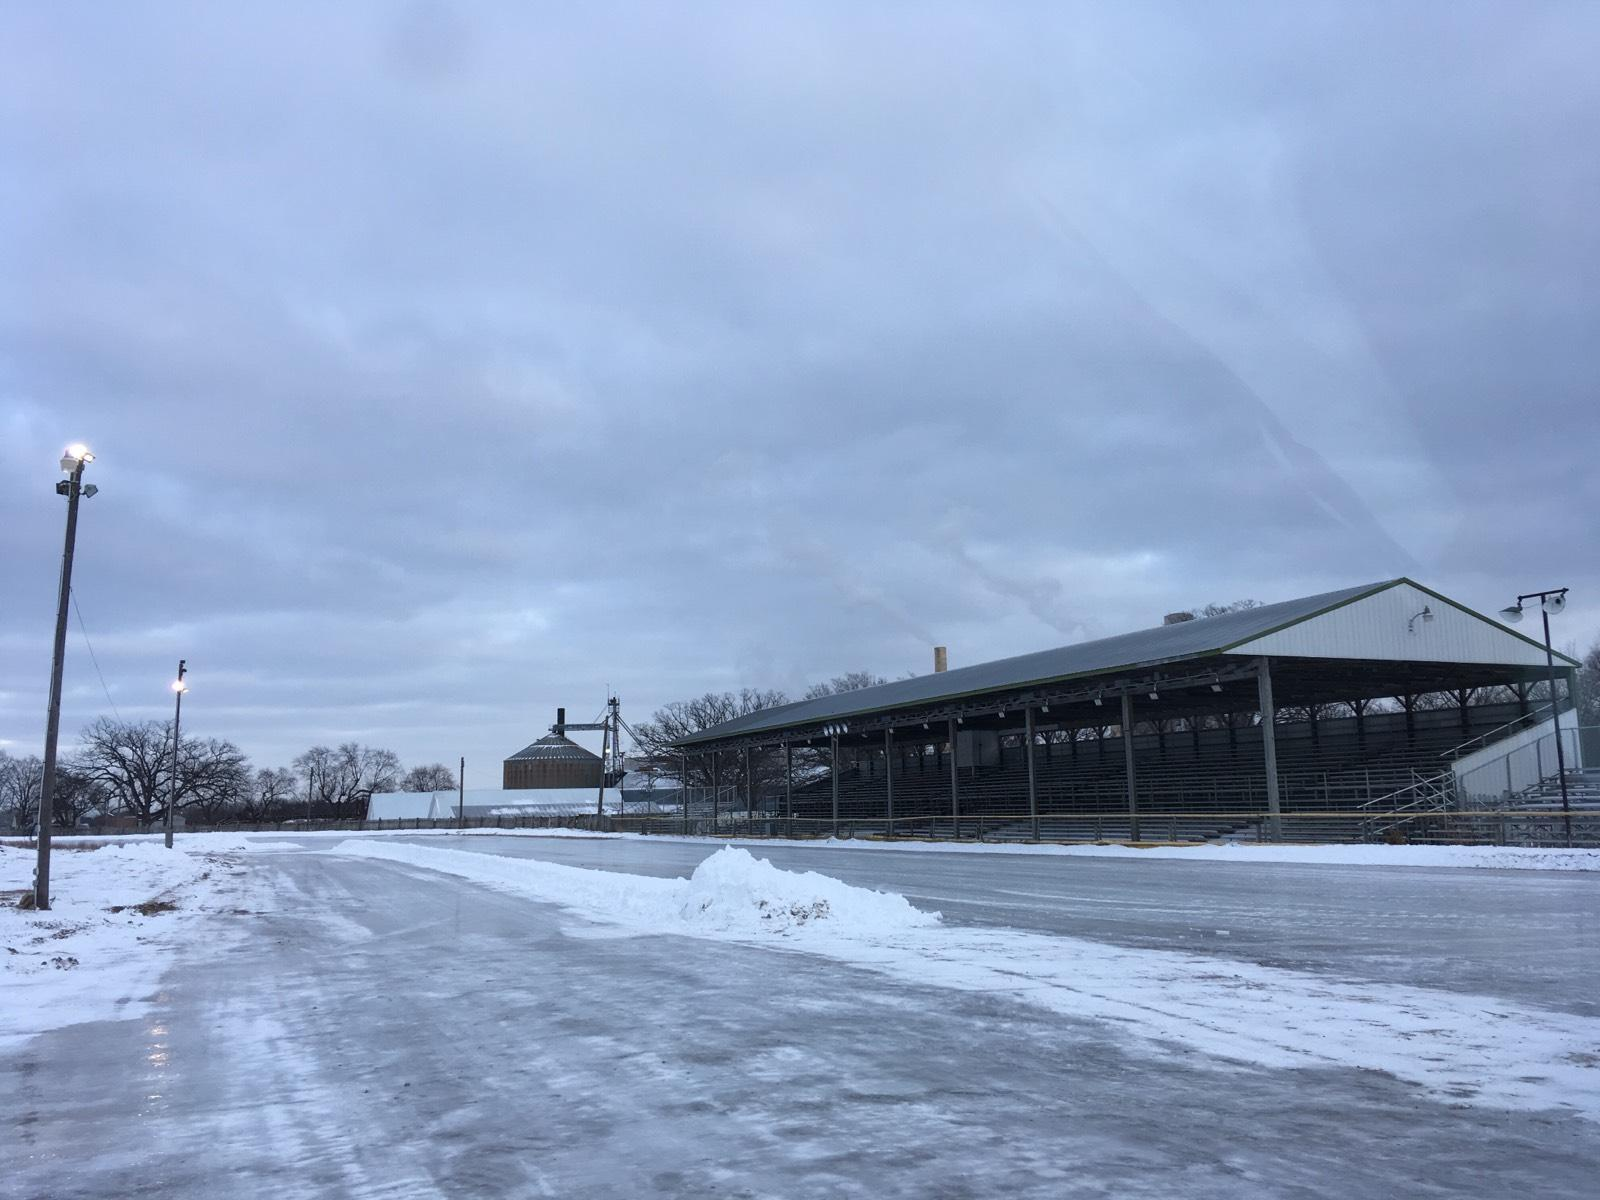 2018 Pre-event ice track  - 2